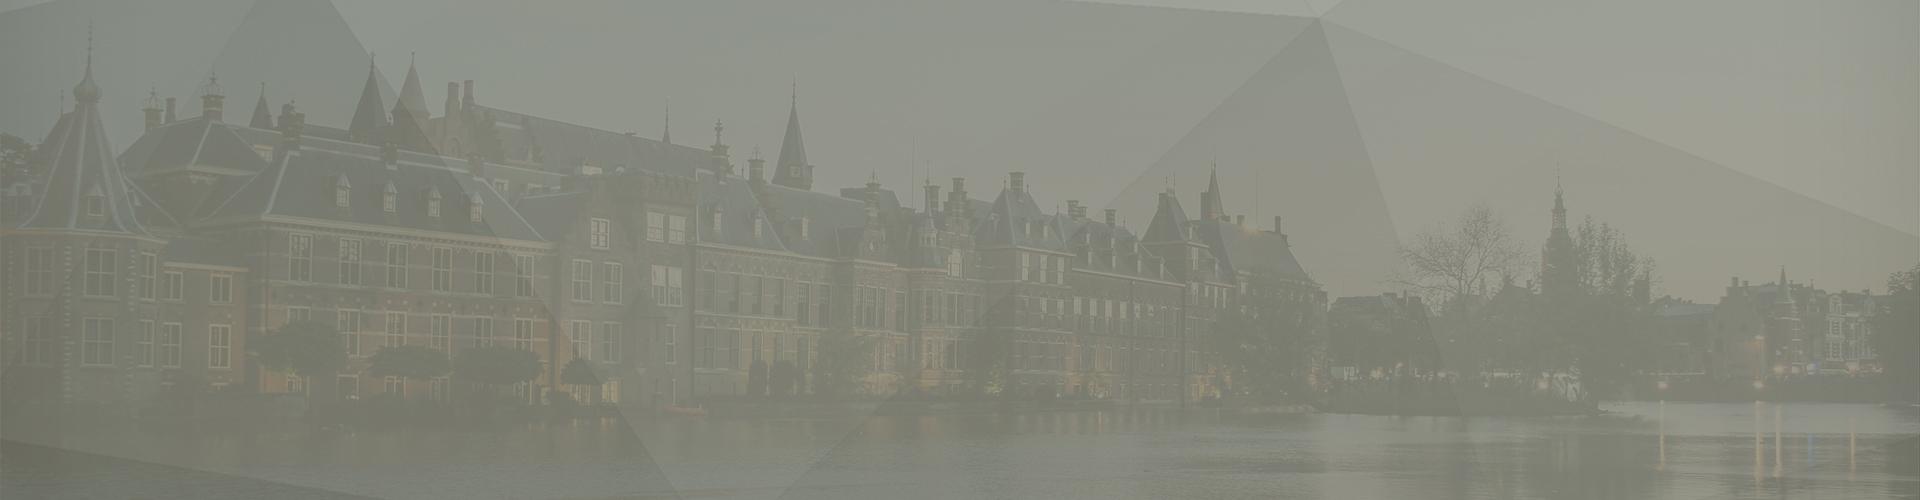 hekken Den-Haag